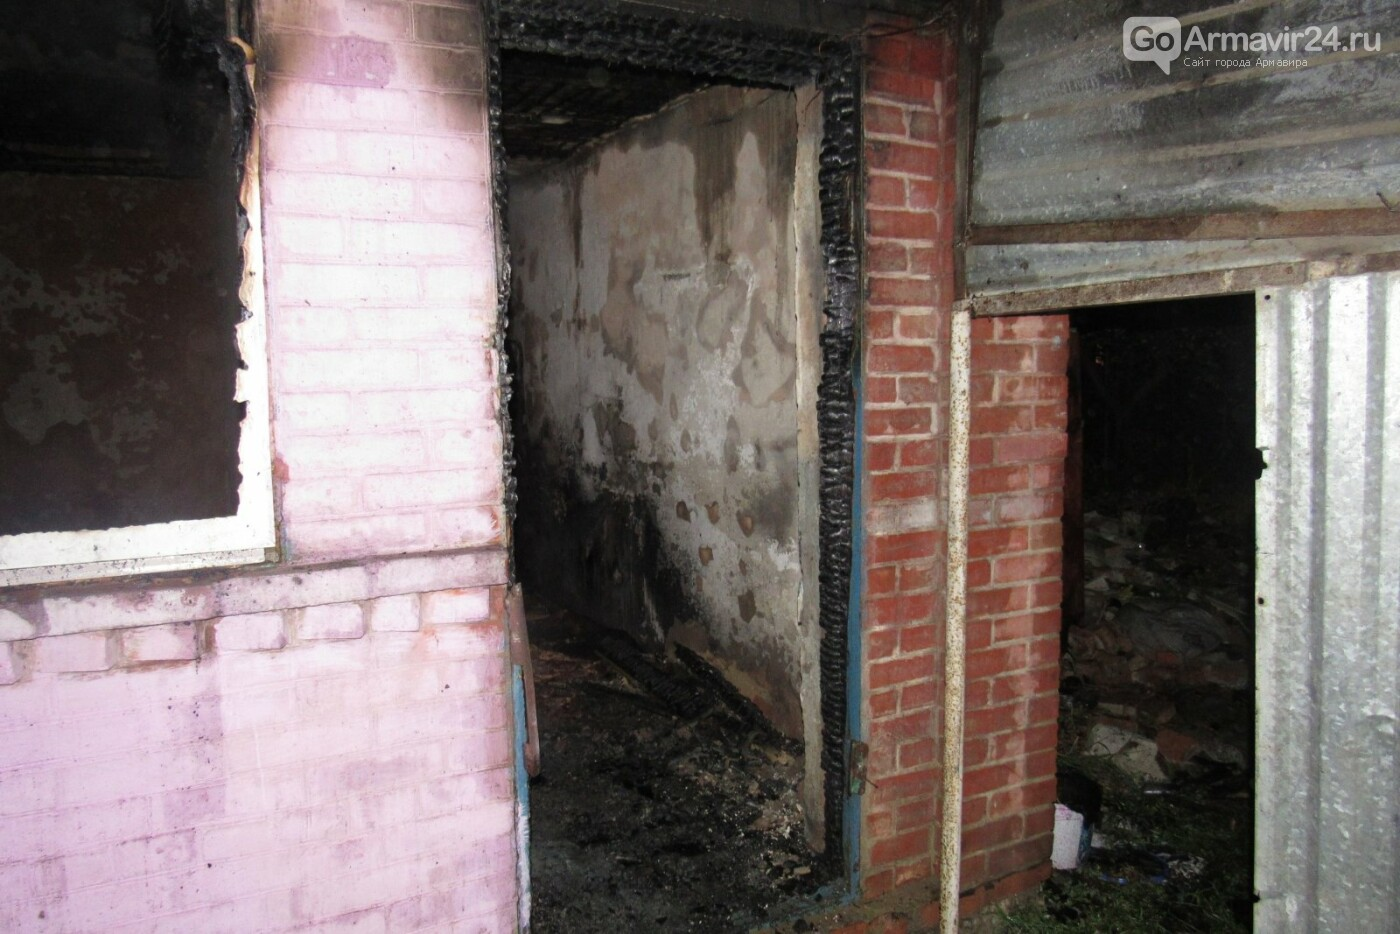 Двое мужчин погибли в результате пожара в Старой Станице, фото-1